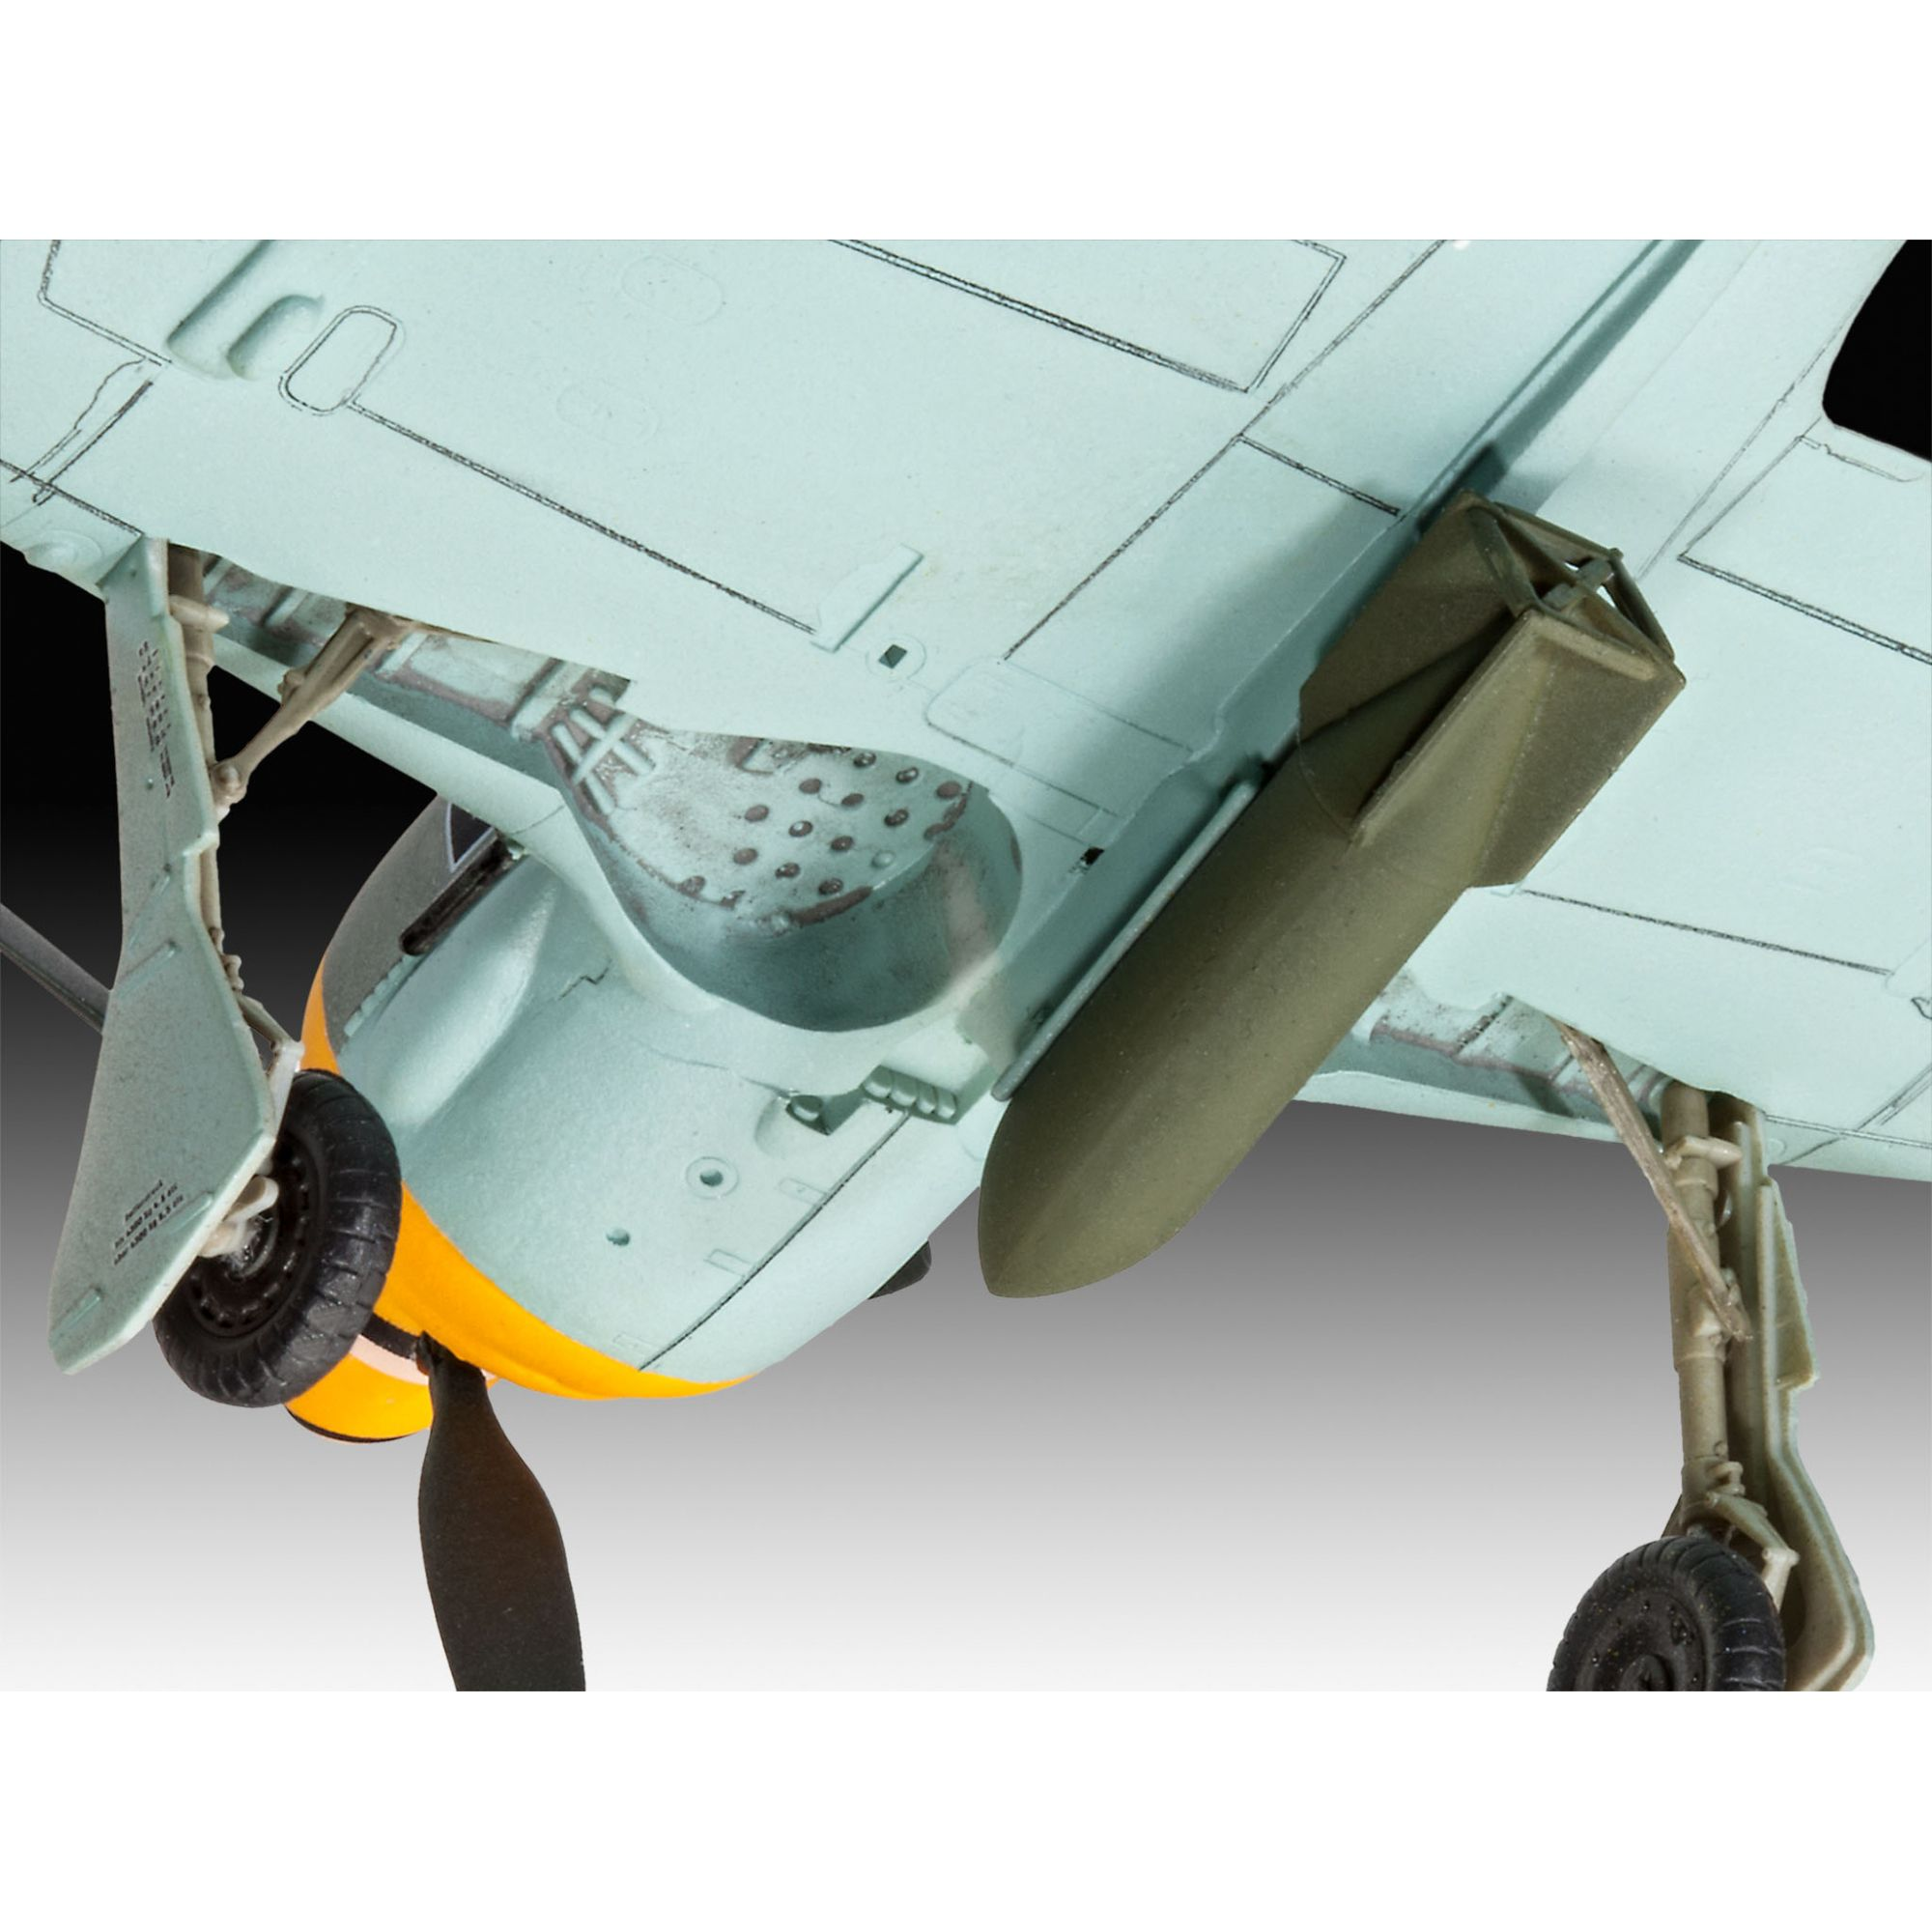 Model Set Focke Wulf Fw 190 F-8 - 1/72 - Revell 63898  - BLIMPS COMÉRCIO ELETRÔNICO